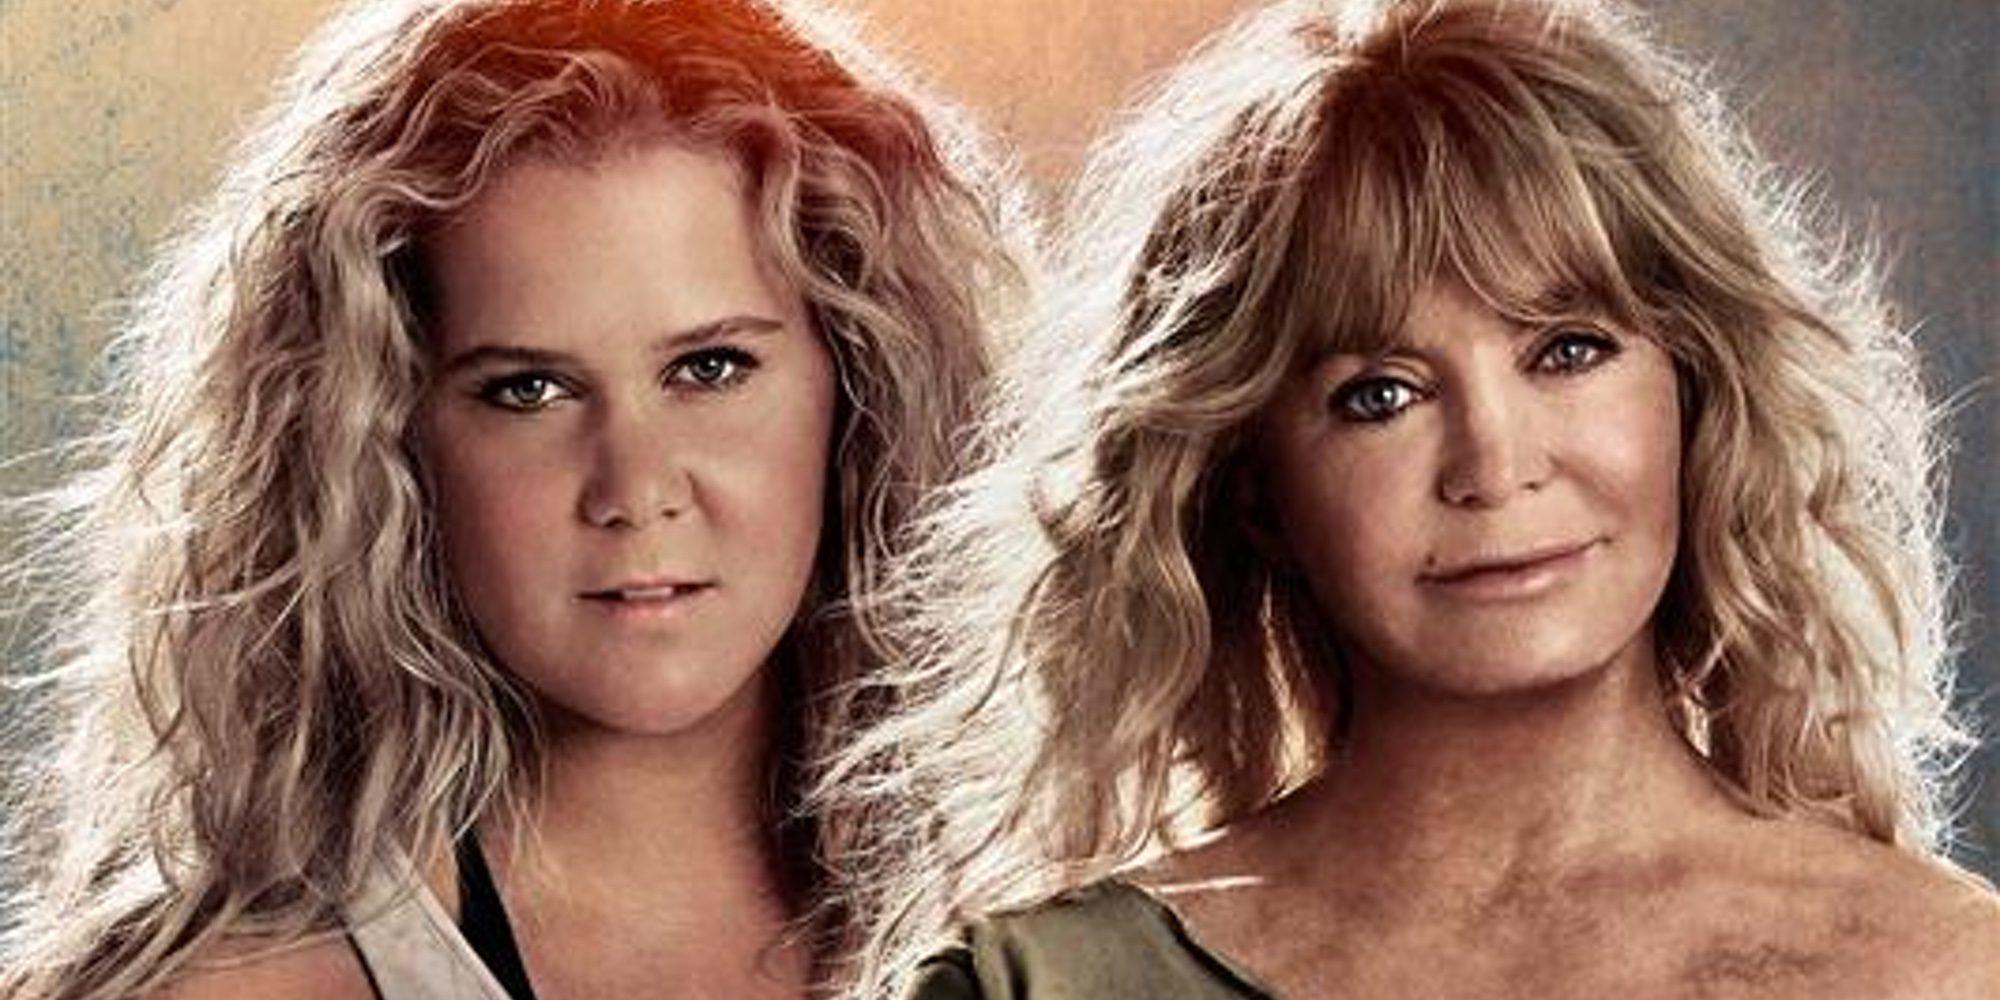 Amy Schumer y Goldie Hawn, una hija y madre muy conflictivas en este clip en primicia de 'Descontroladas'